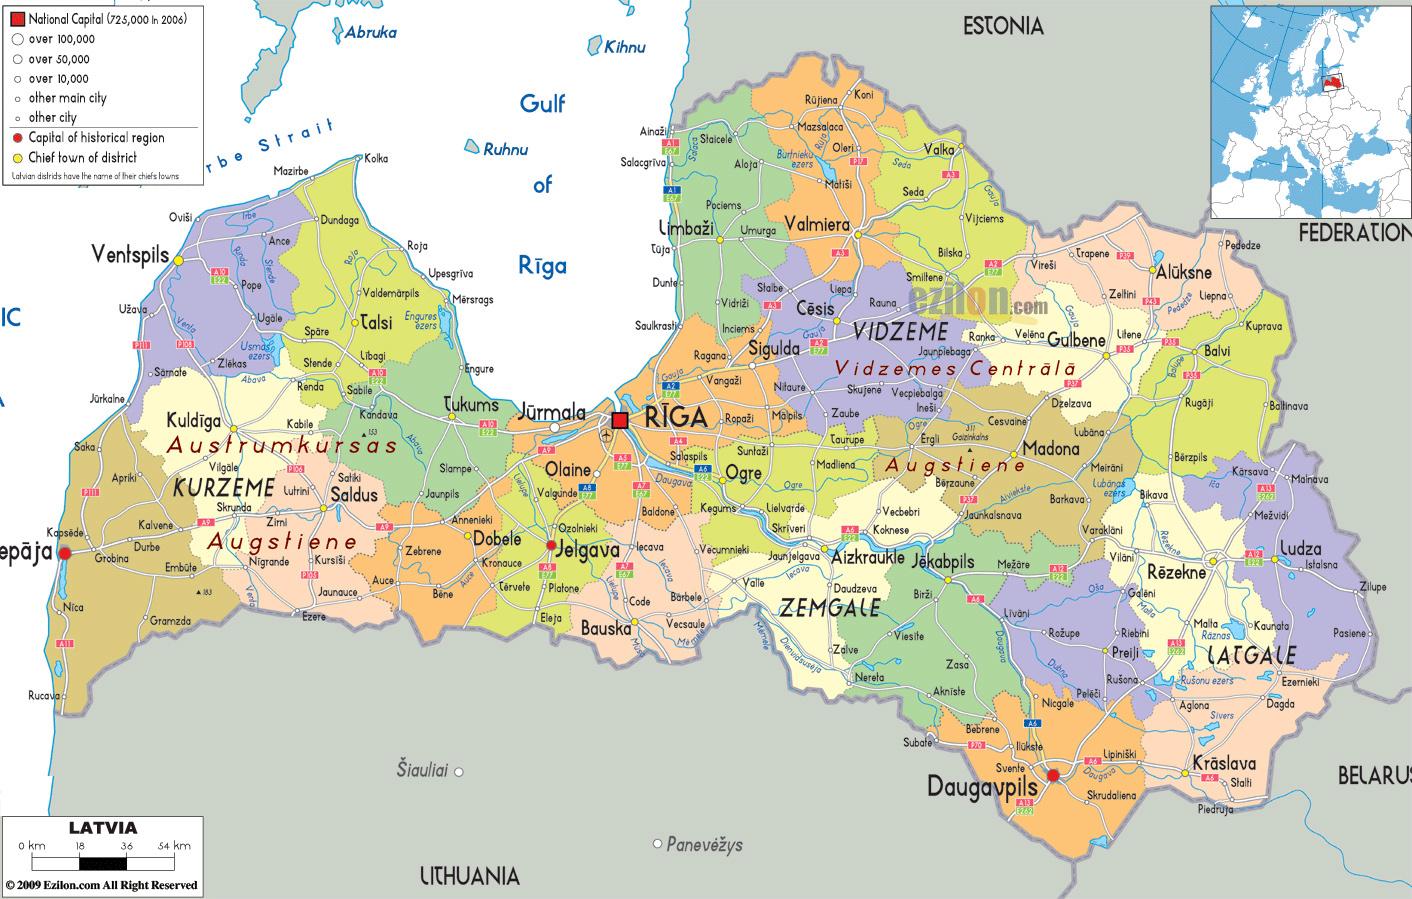 Grande Mapa Politico Y Administrativo De Letonia Con Carreteras